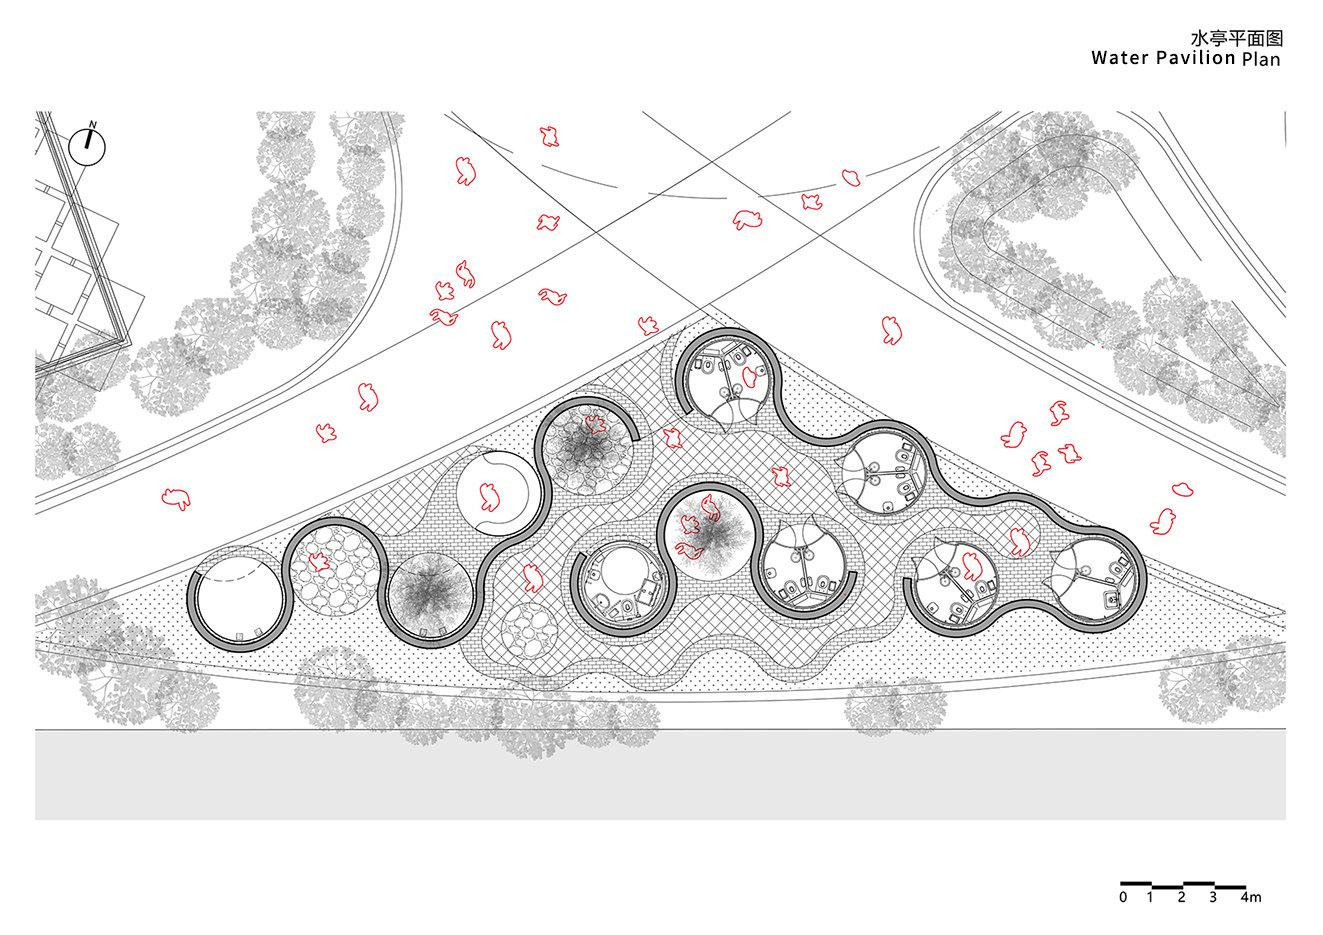 Water Pavilion Plan Archi-Union & Fab-Union}